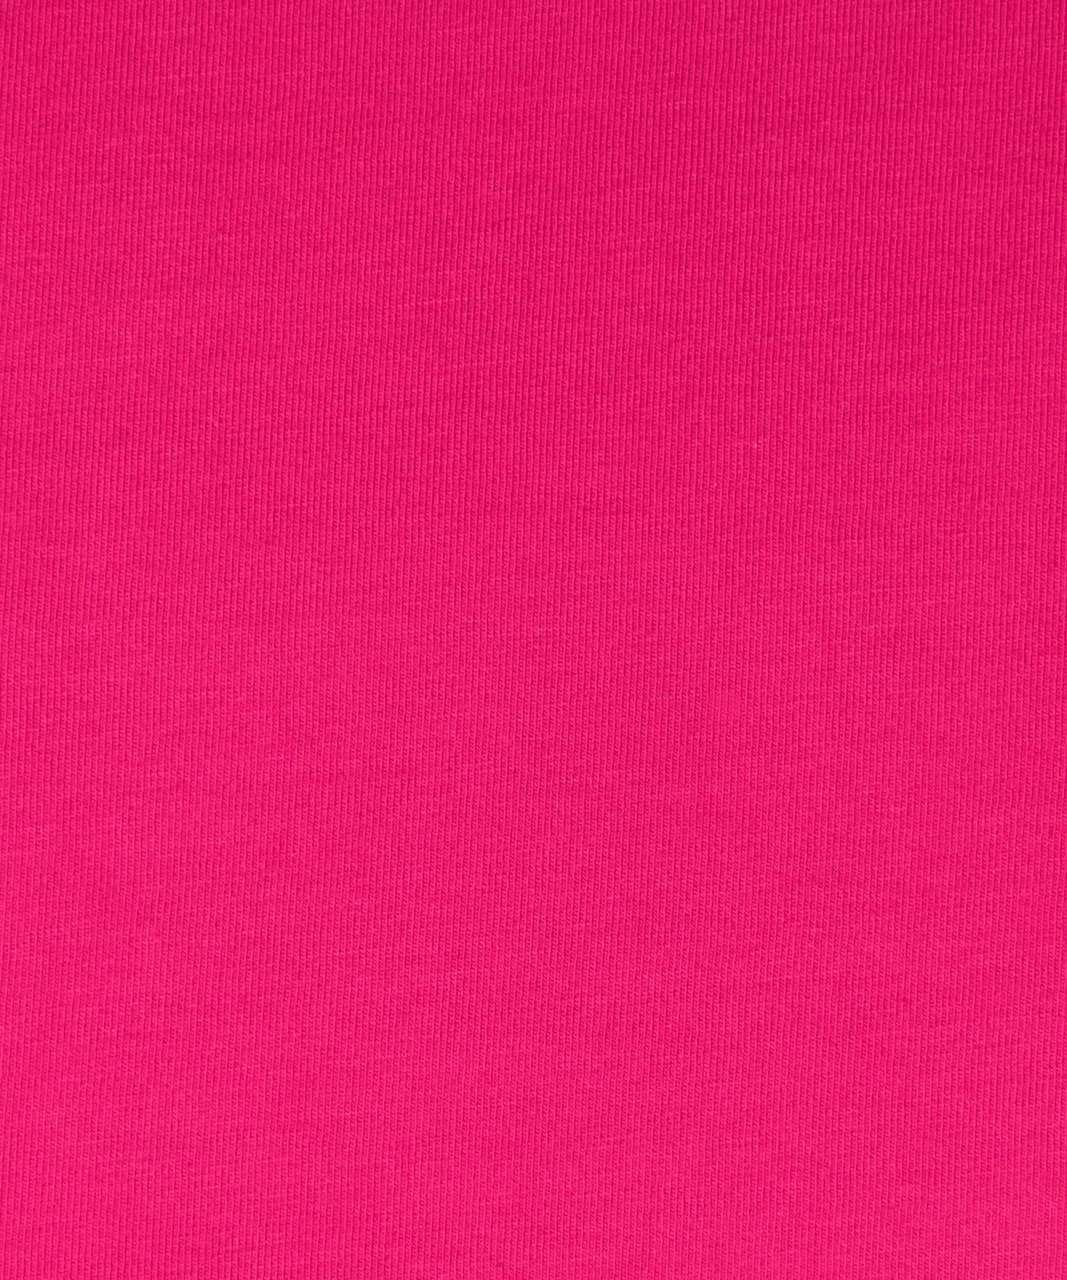 Lululemon Love Tank *Pleated - Calypso Pink